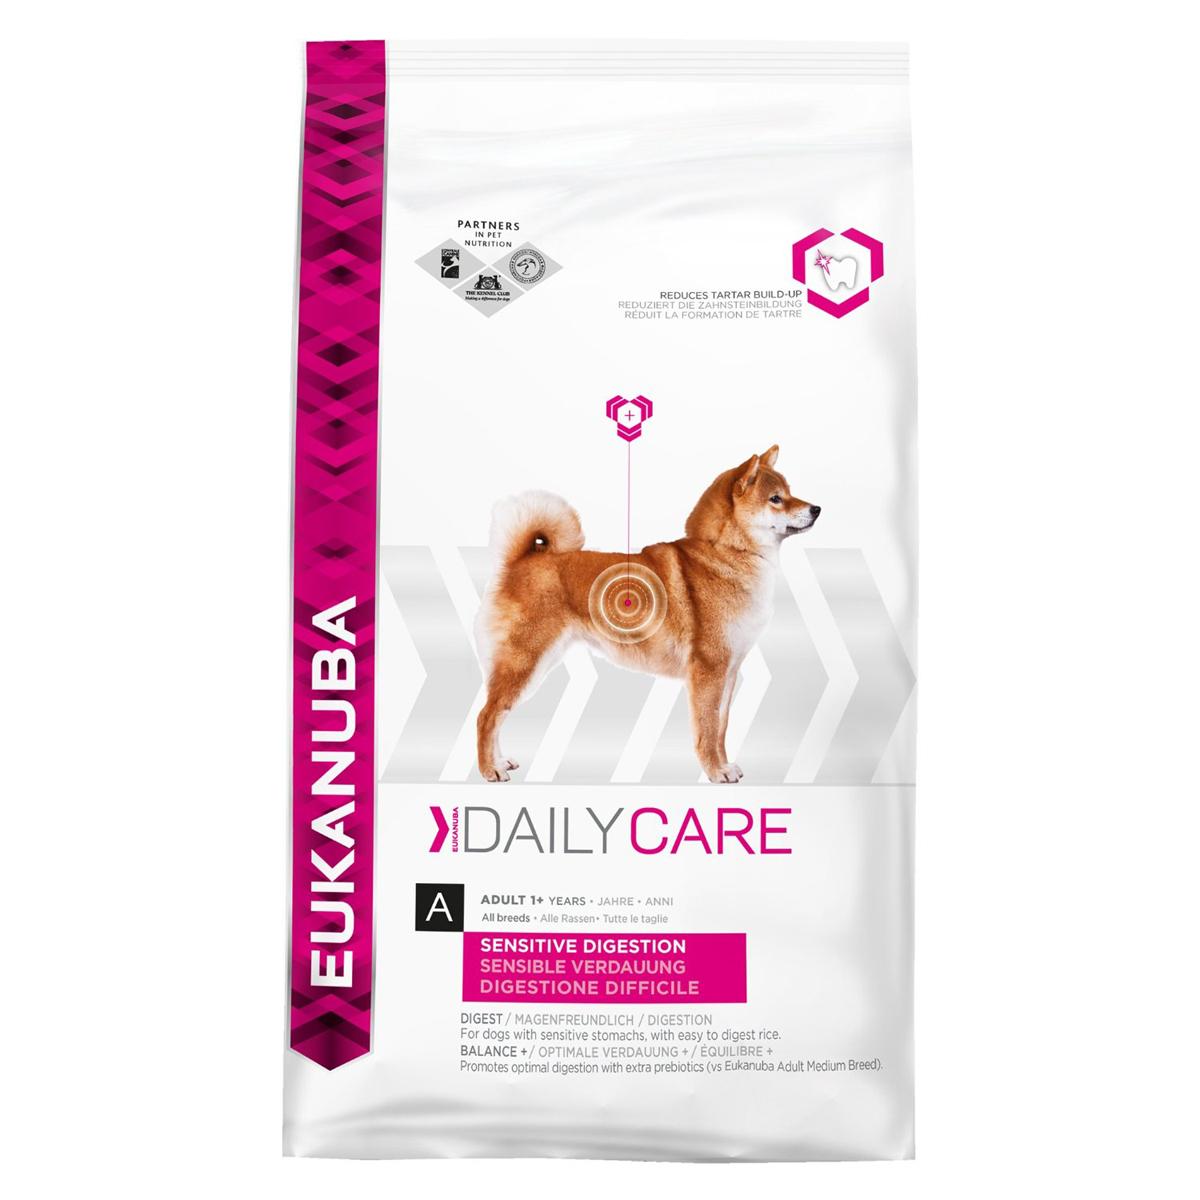 Корм сухой Eukanuba для взрослых собак с чувствительным пищеварением, 2,5 кг81053531Полноценный сбалансированный корм Eukanuba для взрослых собак всех пород возрастом от 1 года с чувствительным пищеварением, обогащенный естественными пребиотическими волокнами для здорового пищеварения. Сухая пульпа сахарной свеклы и пребиотики ФОС для здоровья микрофлоры кишечника. Легкоперевариваемый рис для собак с чувствительным пищеварением.Не содержит искусственных красителей и ароматизаторов. Содержит разрешенные ЕС антиоксиданты (токоферолы).Состав: сублимированное мясо курицы и индейки 22%, рис 21%, кукуруза, сорго, животный жир, сухая пульпа сахарной свеклы 2,8%, рыбная мука, сухое цельное яйцо, гидролизат белков животного происхождения, фруктоолигосахариды 0,77%, гидрофосфат кальция, хлорид калия, хлорид натрия, гексаметафосфат натрия, рыбий жир, карбонат кальция, льняное семя.Добавки: витамин A 46167 МЕ/кг, витамин D3 1532 МЕ/кг, витамин E 256 мг/кг, бета-каротин 5,0 мг/кг. Микроэлементы: базовый карбонат кобальта, моногидрат 0,50 мг/кг, пентагидрат сульфат меди 47 мг/кг, йодид калия 3,4 мг/кг моногидрат сульфат железа 633 мг/кг, сульфат марганца моногидрат 48 мг/кг, оксид марганца 34 мг/кг, оксид цинка 220 мг/кг.Вес: 2,5 кг.Товар сертифицирован.